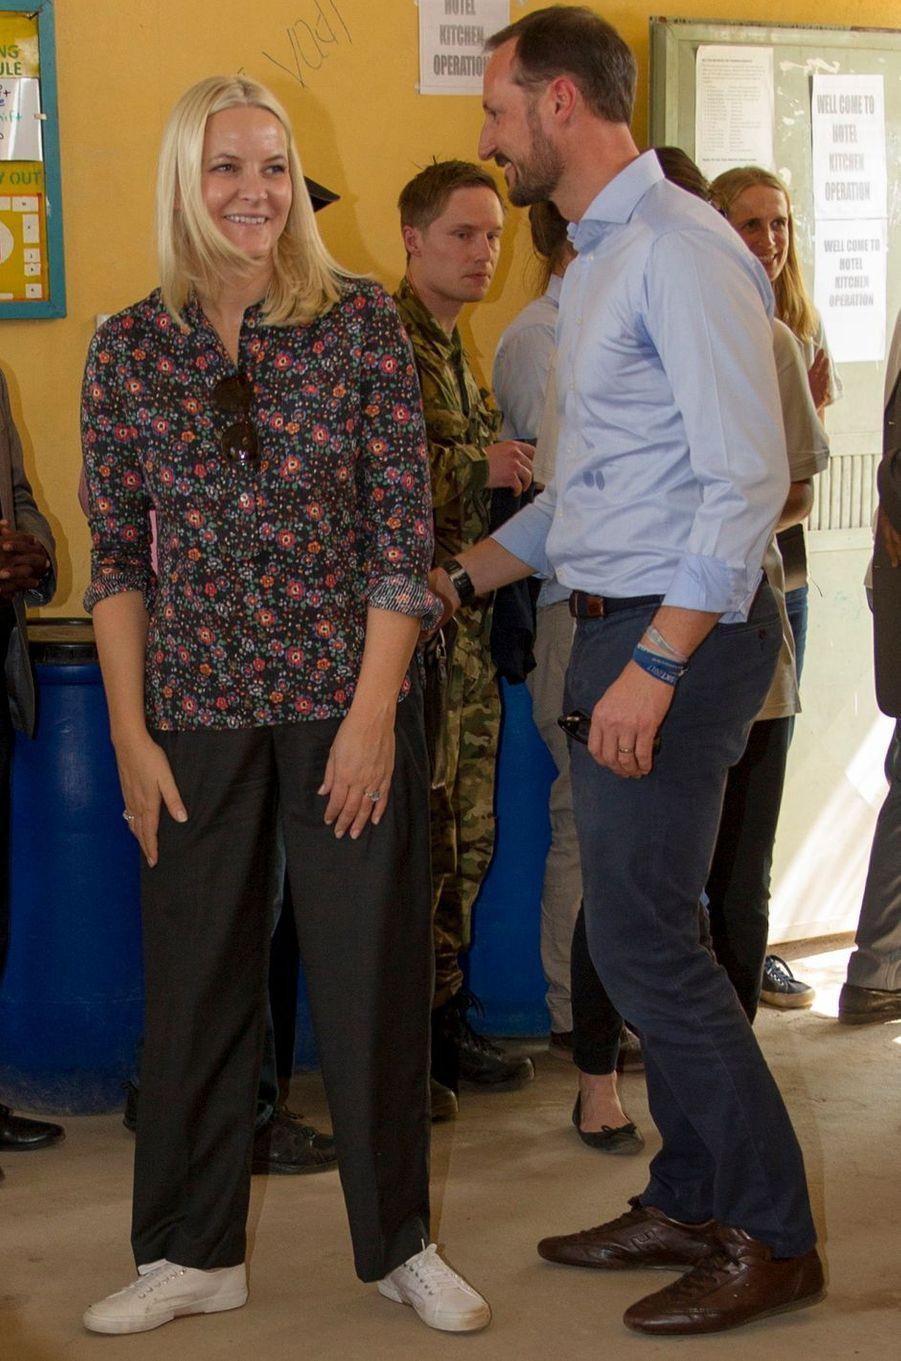 La princesse Mette-Marit de Norvège en Ethiopie, le 9 novembre 2017